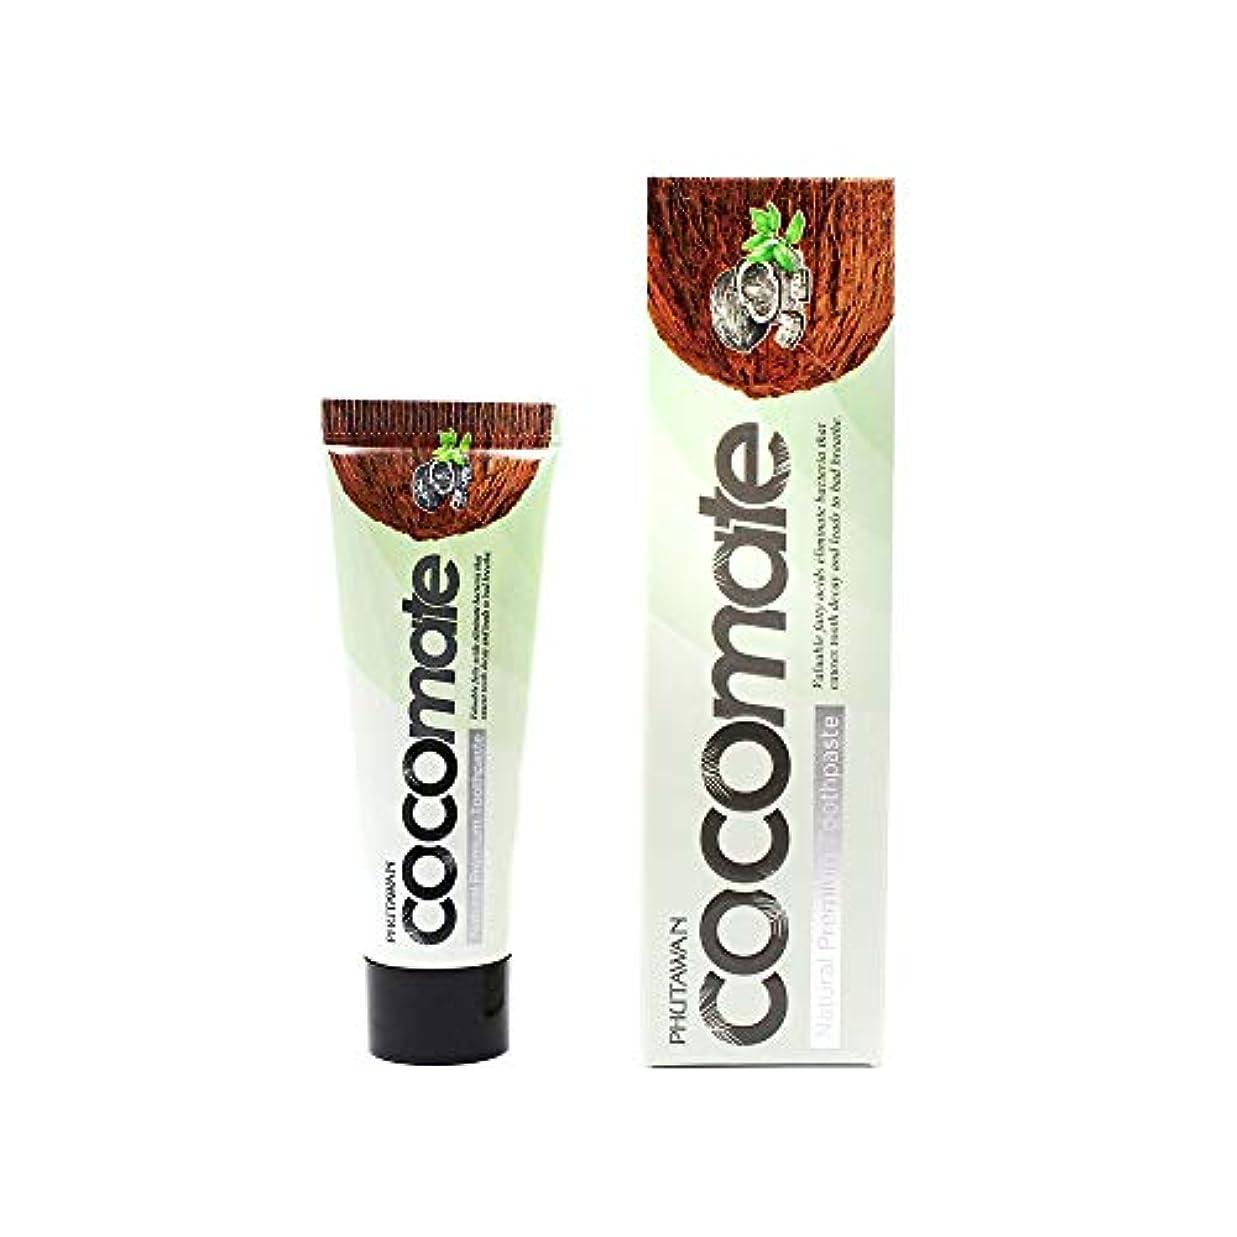 出席味付け圧倒的歯磨き粉 Cocomate Natural Premium Toothpaste